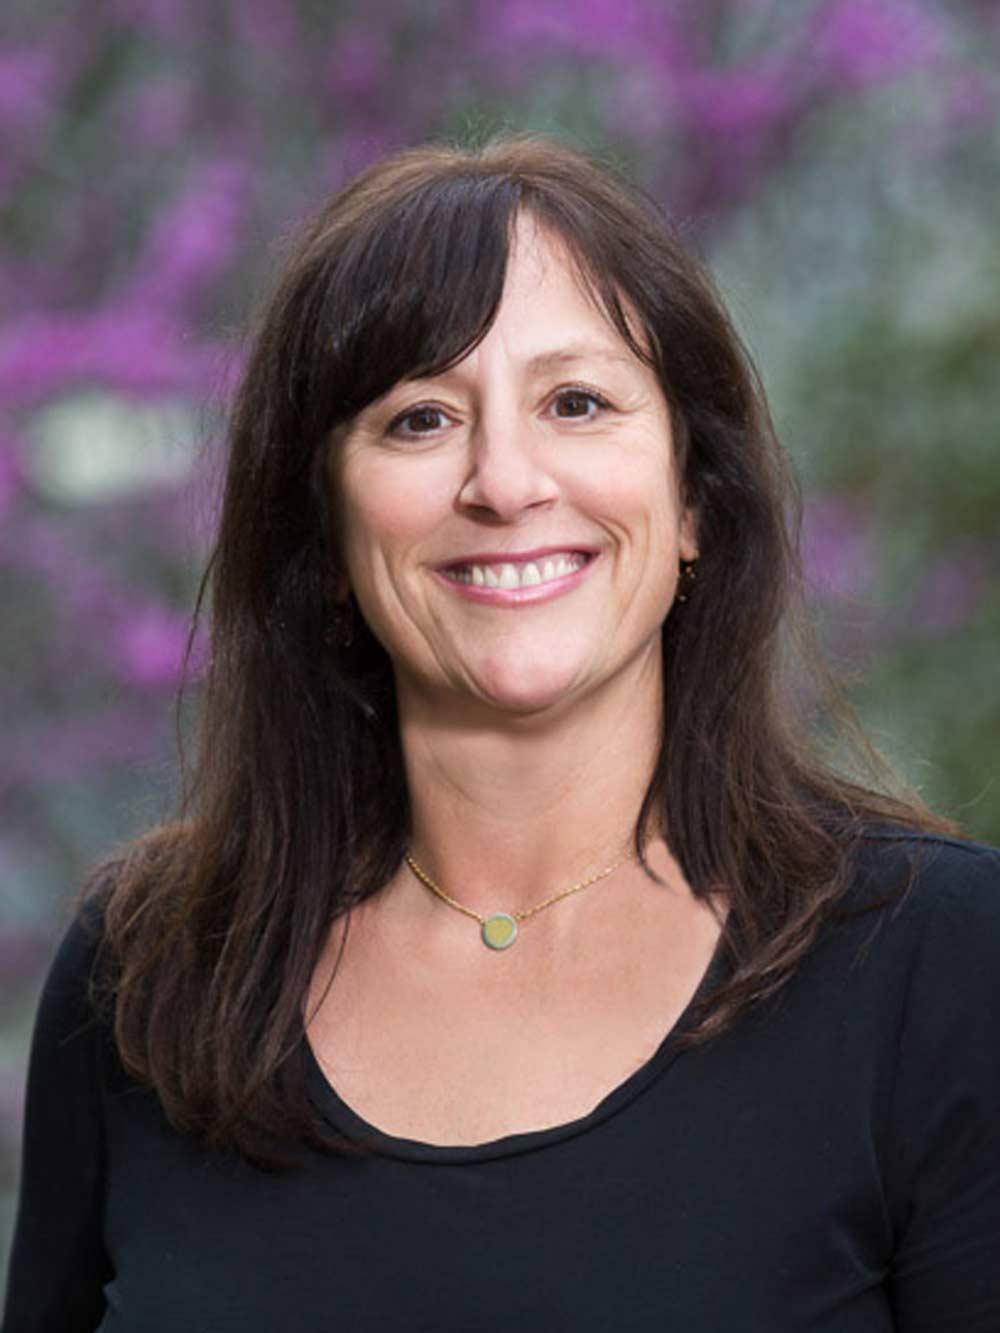 Gina Haggarty